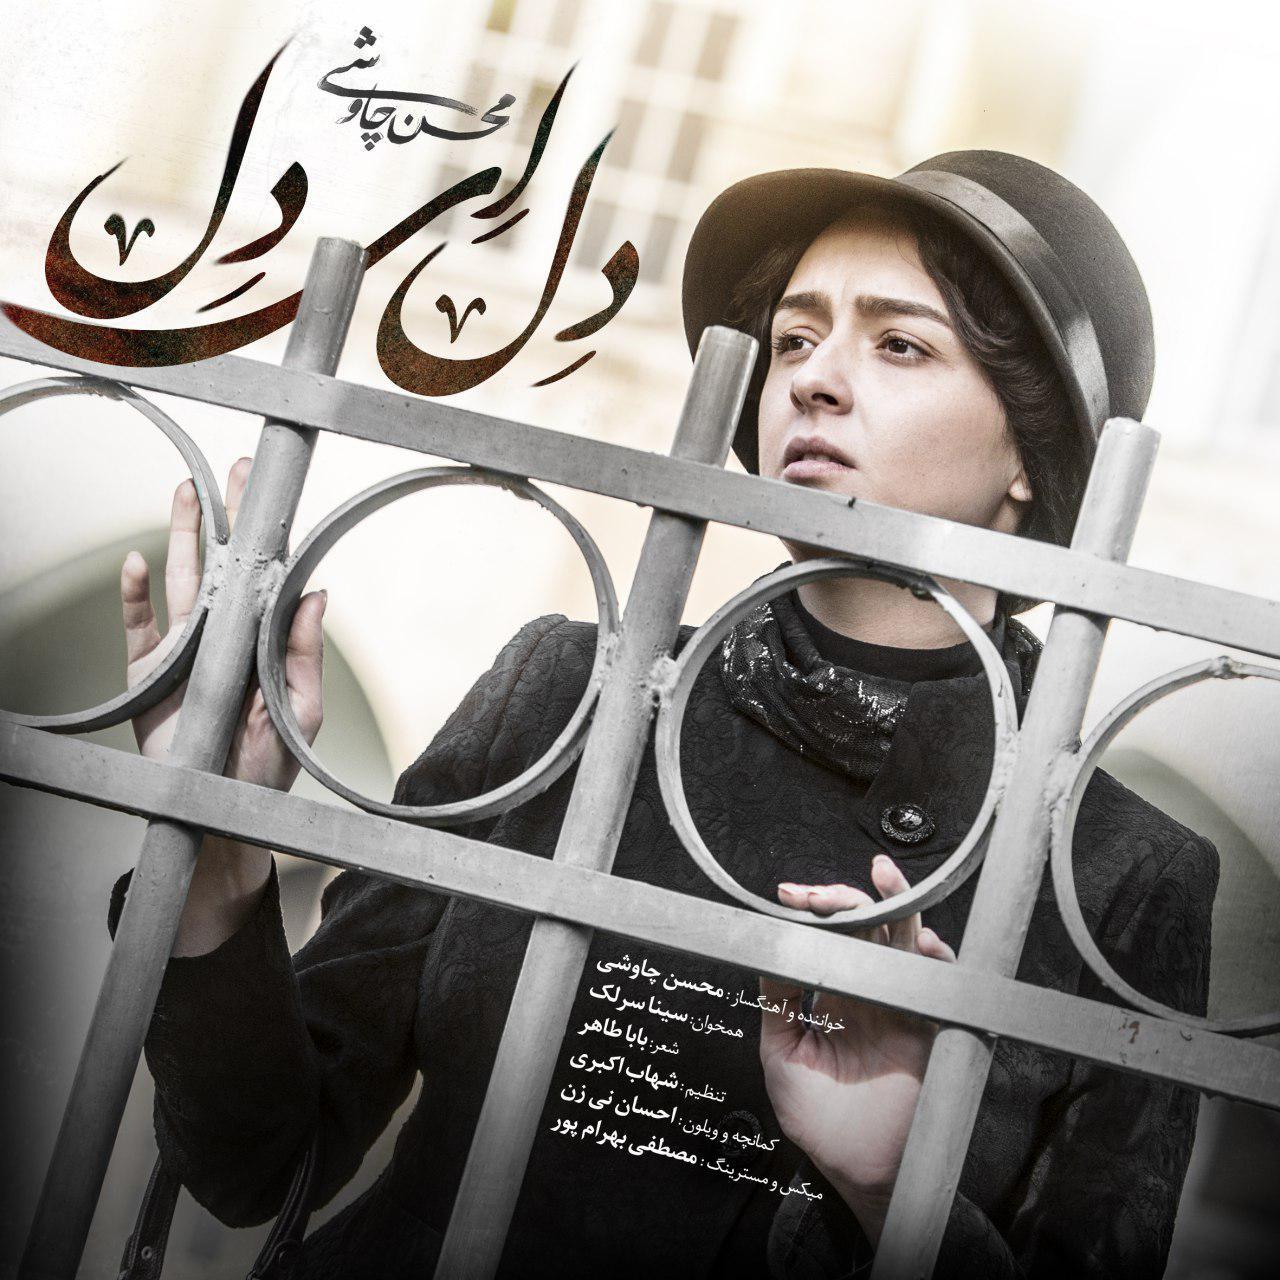 دانلود آهنگ جدیدم محسن چاوشی به نام دل ای دل